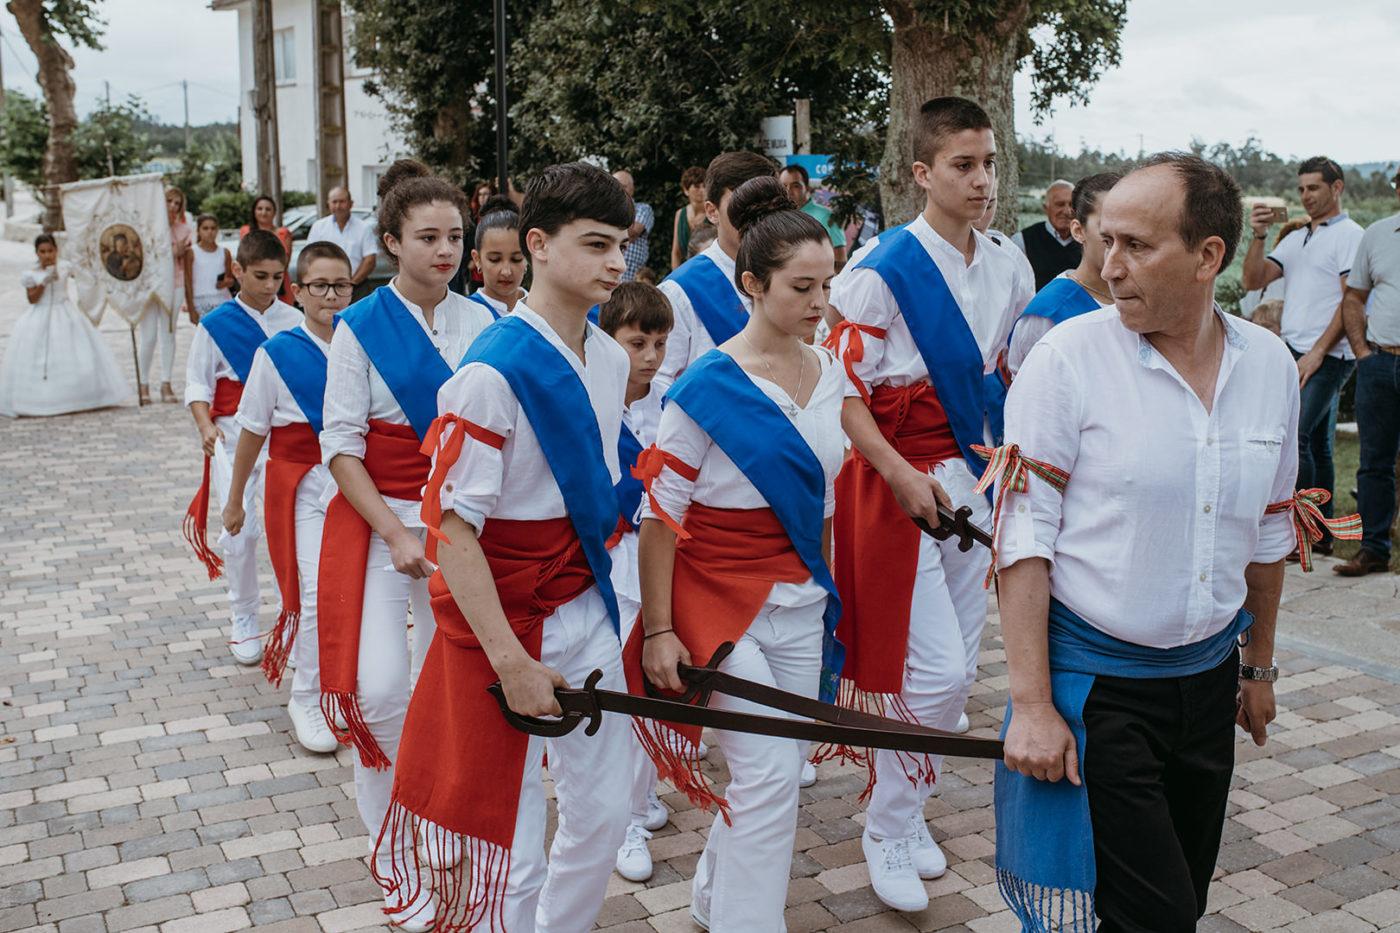 danza de espadas fotografía por Marcos Rodríguez